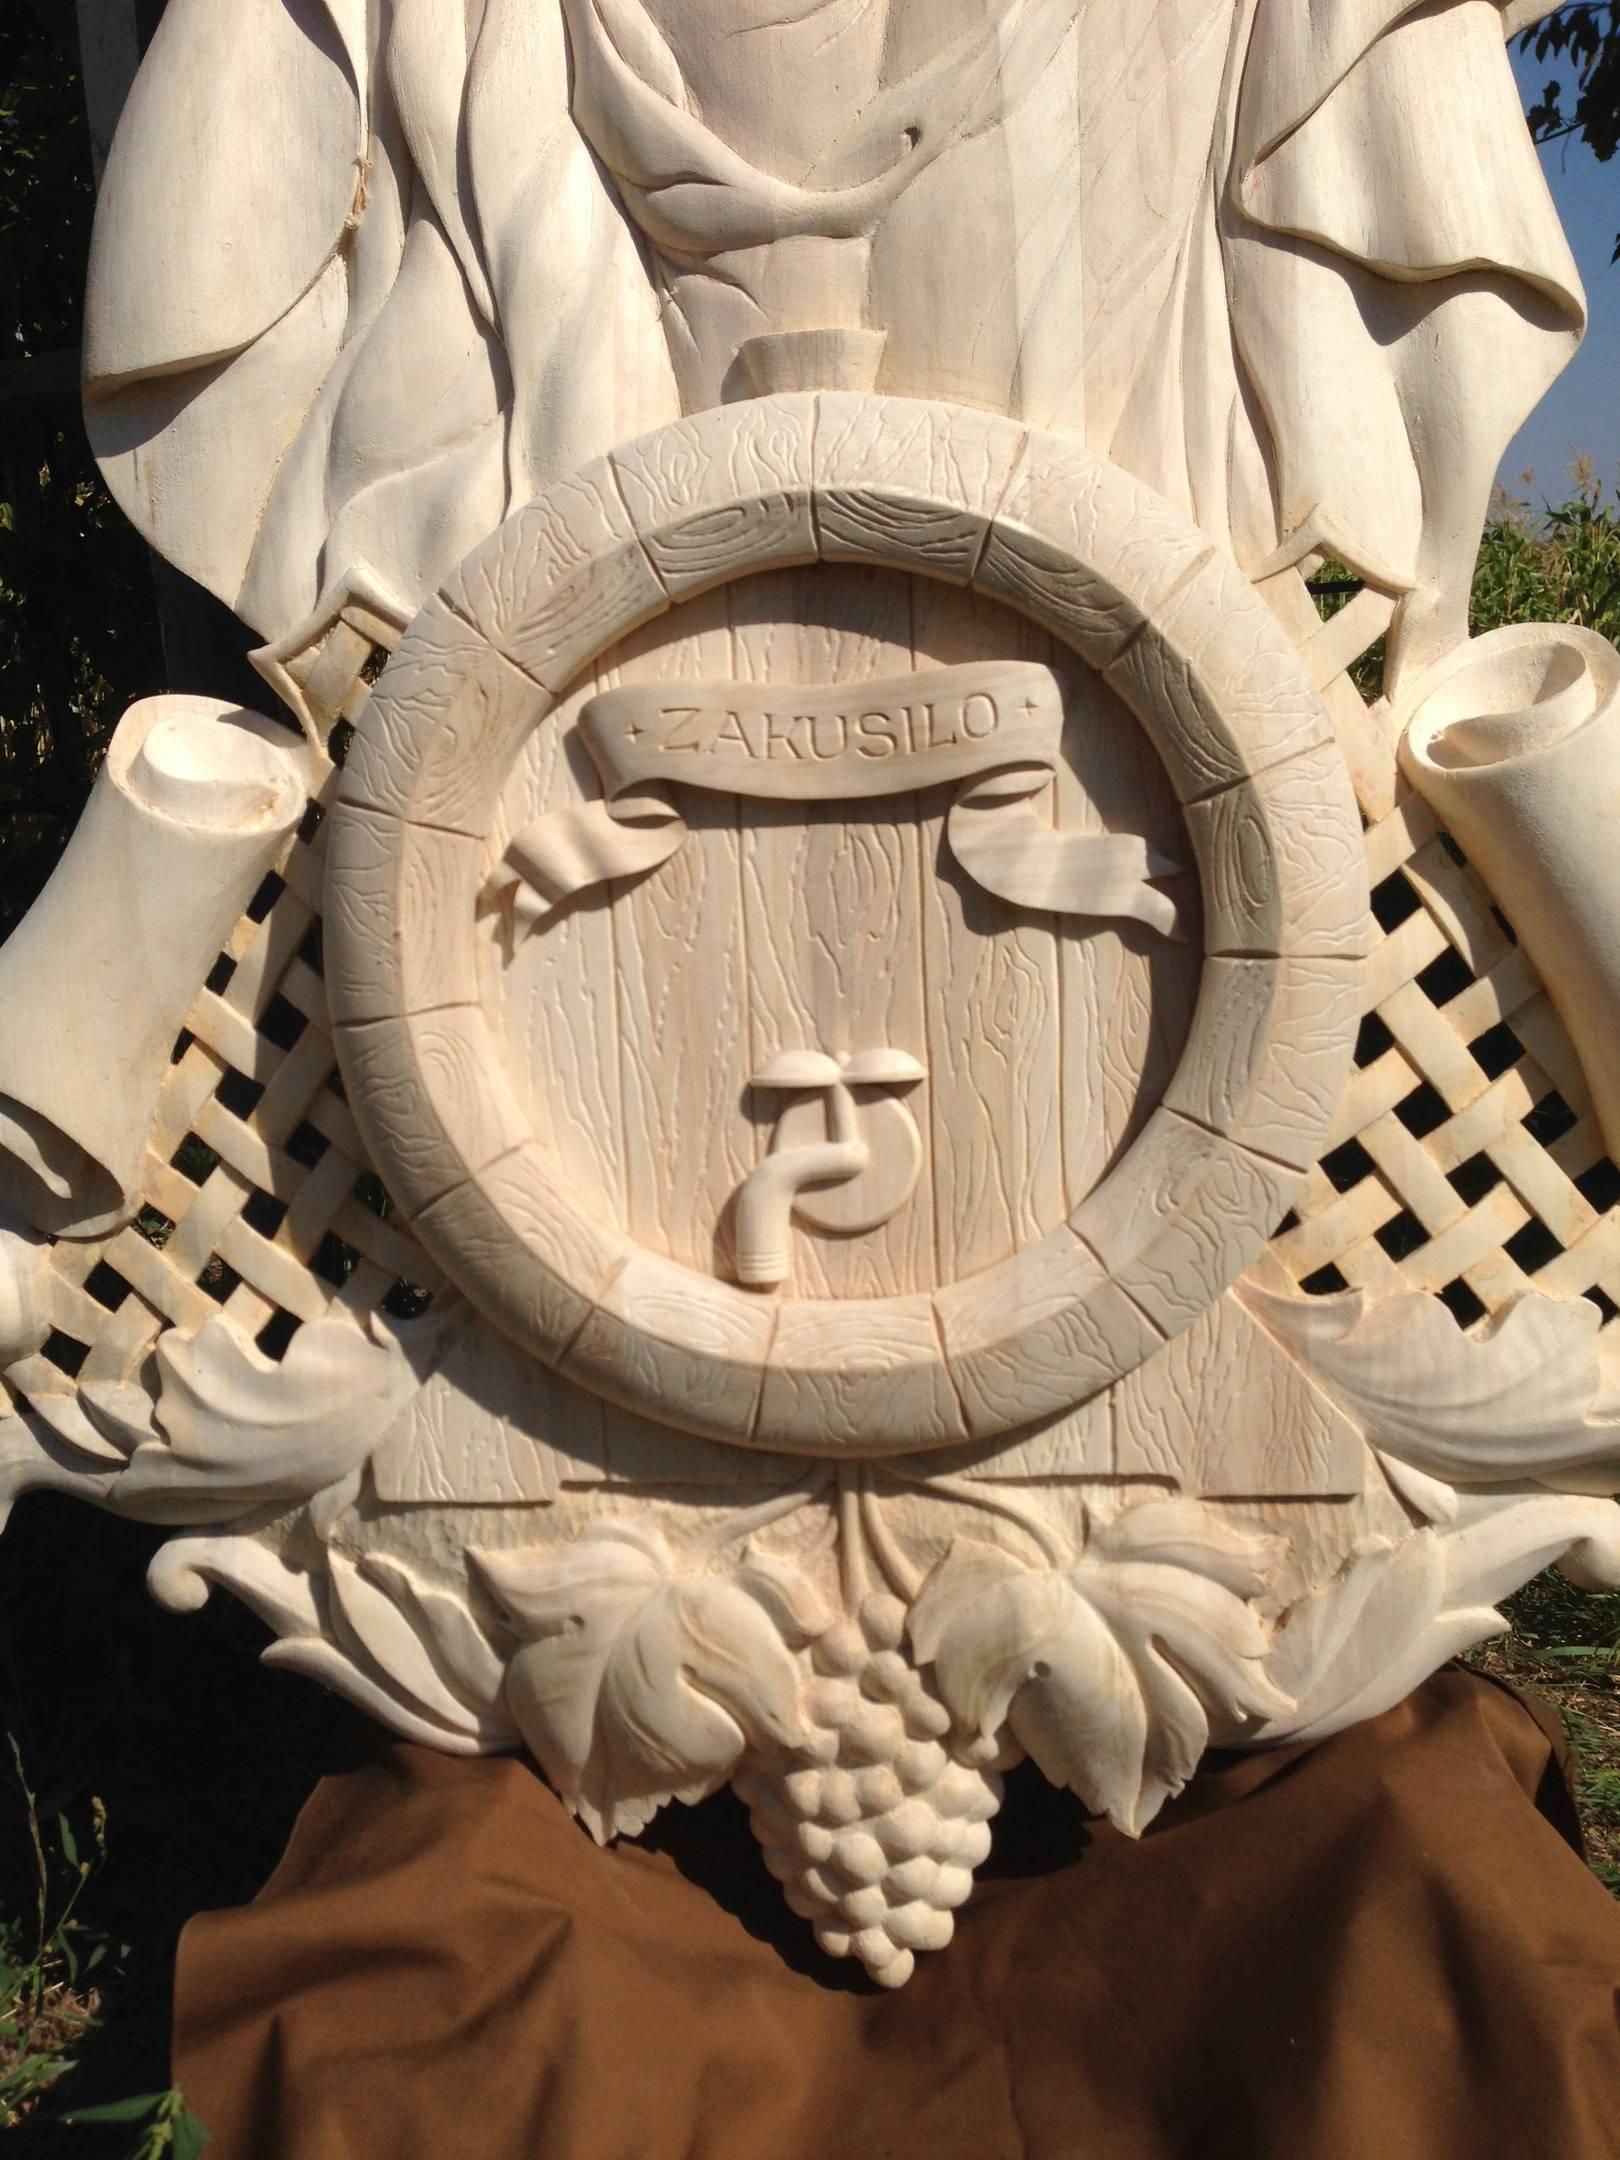 (Фрагмент). Название: « ВИНОГРАДНЫЙ СБОР ».  Материал : тополь.  Размер : 176см  х  72см.  Ручная работа.  Woodcarving for the DOOR .  Material: poplar.  Size: 176cm x 72cm.  Handmade.